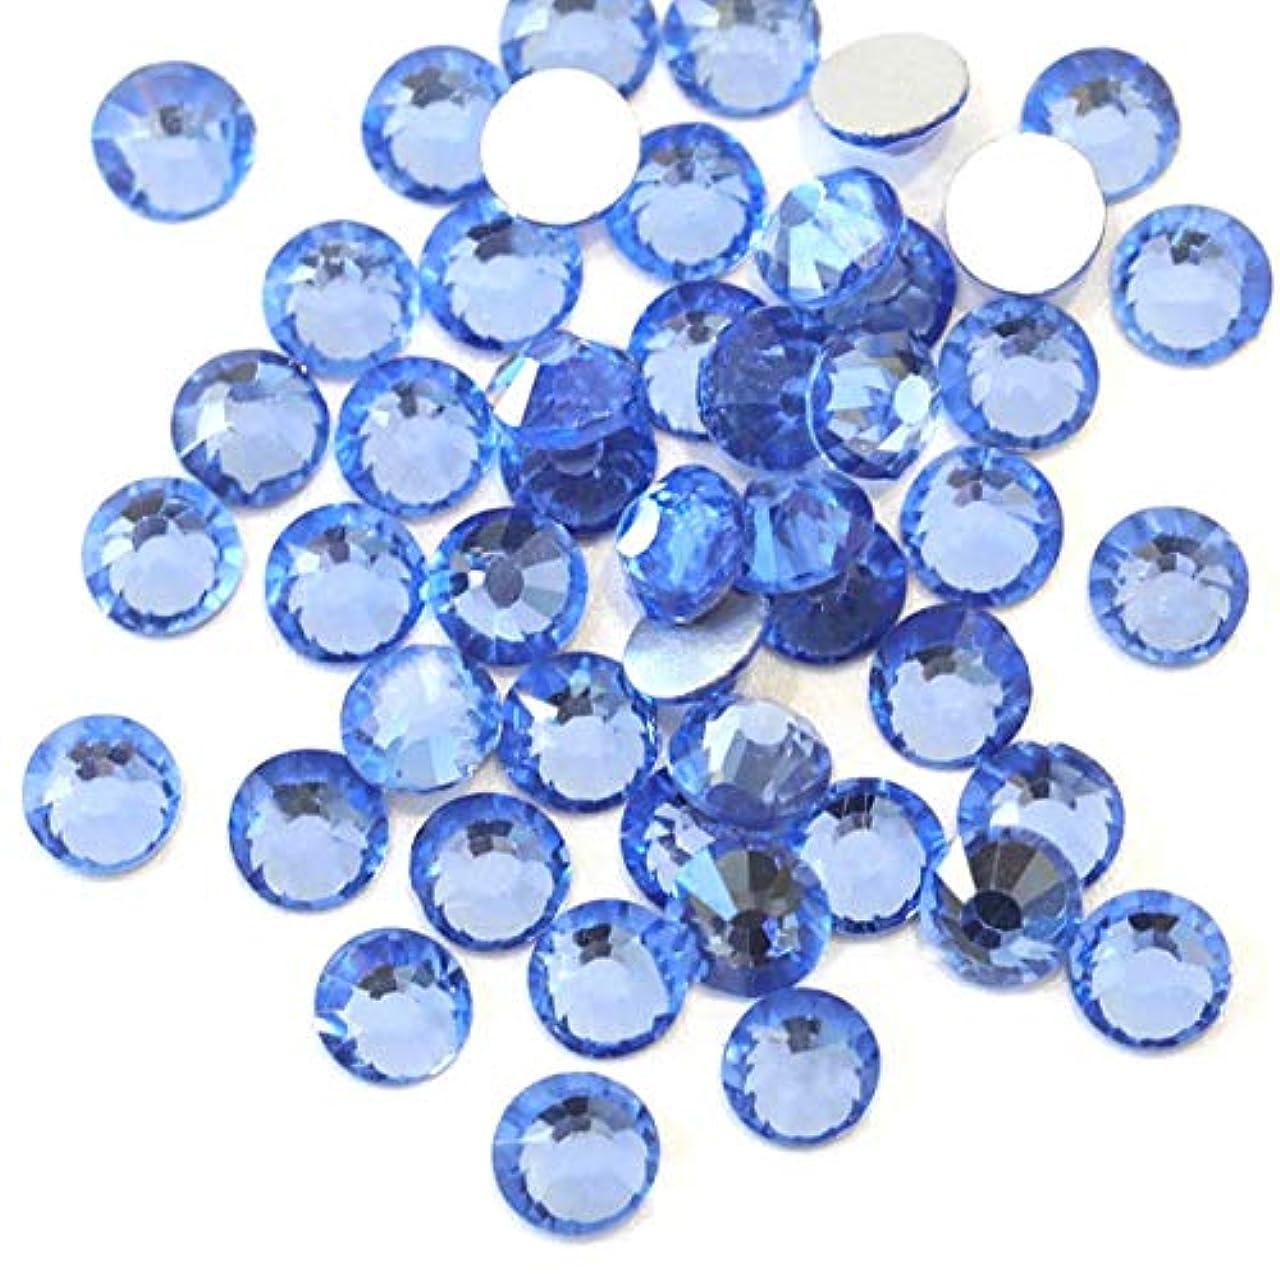 航海のビリー著名な【ラインストーン77】 超高級 ガラス製ラインストーン SS4~SS40 ライトサファイア スワロフスキー同等 (3.0mm (SS12) 約200粒)